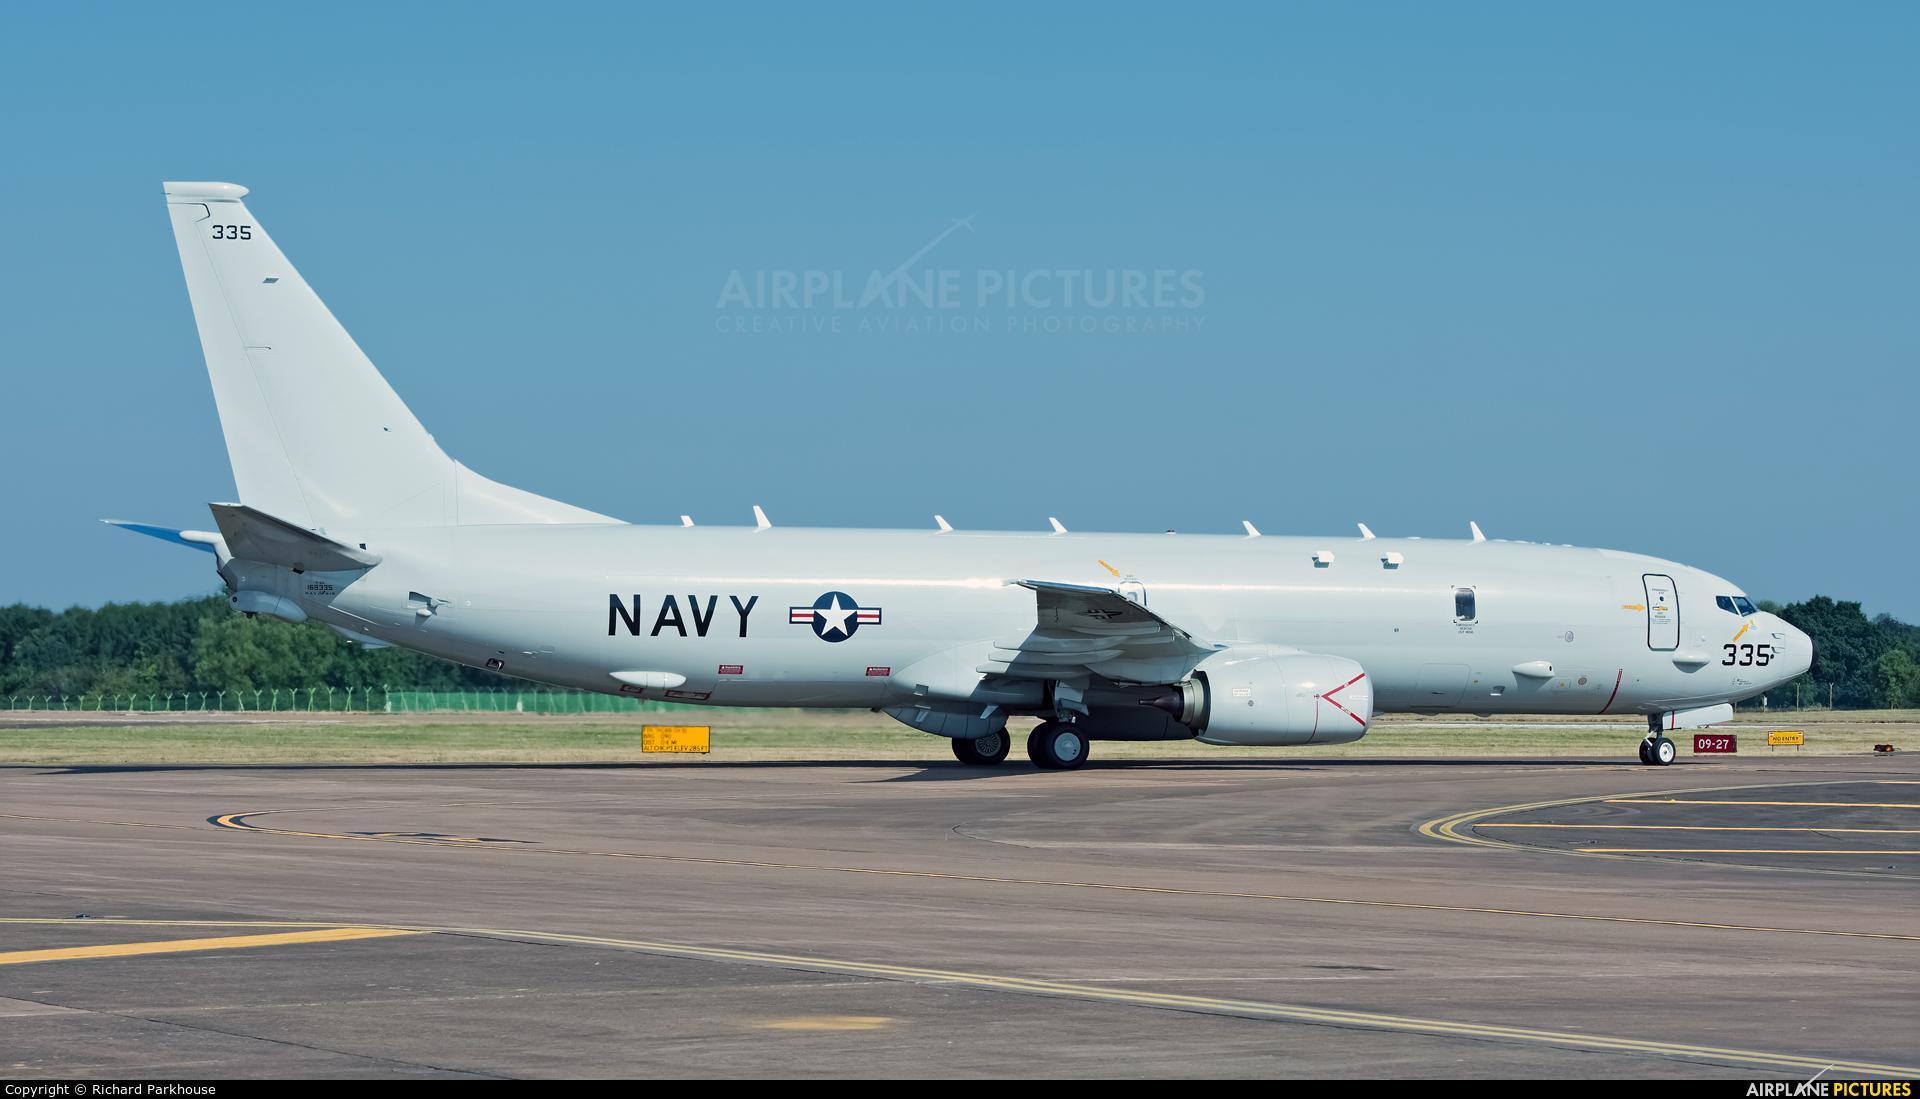 USA - Navy 169335 aircraft at Fairford